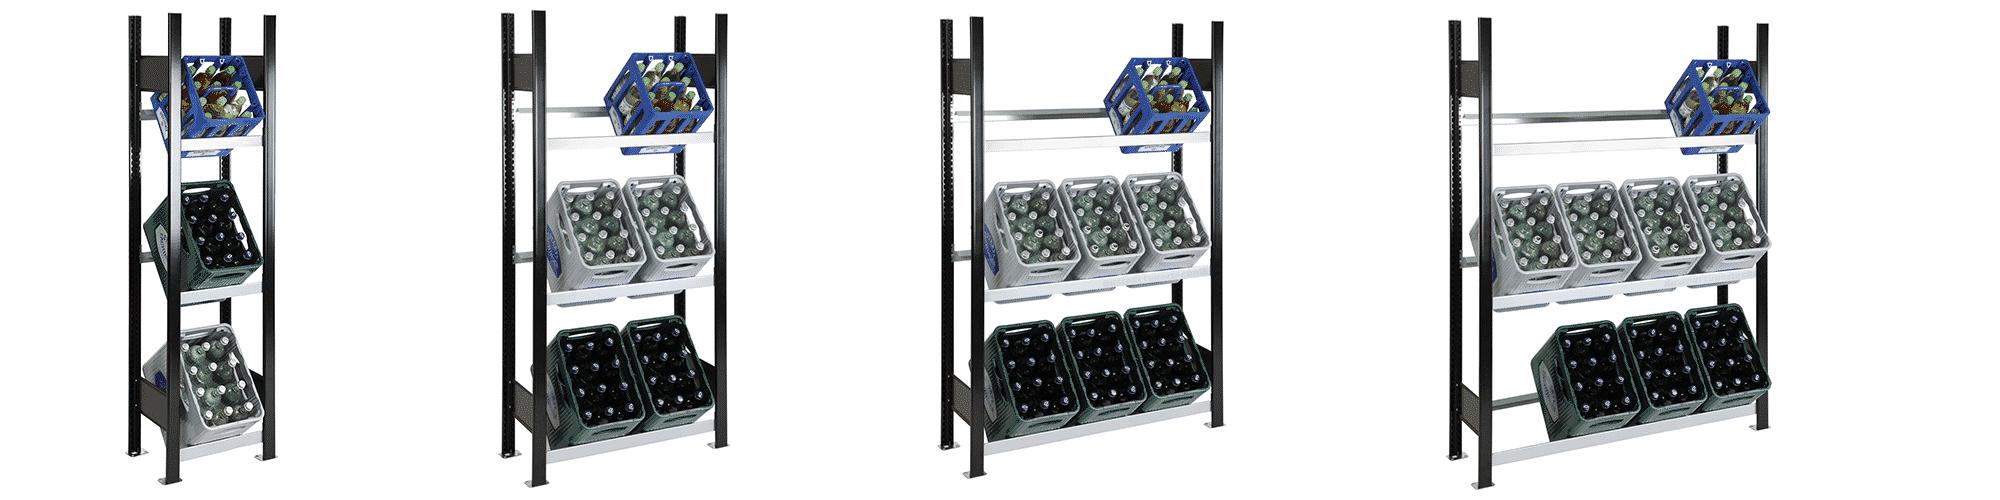 Getränkekistenregale in der Übersicht von SCHULTE Lagertechnik